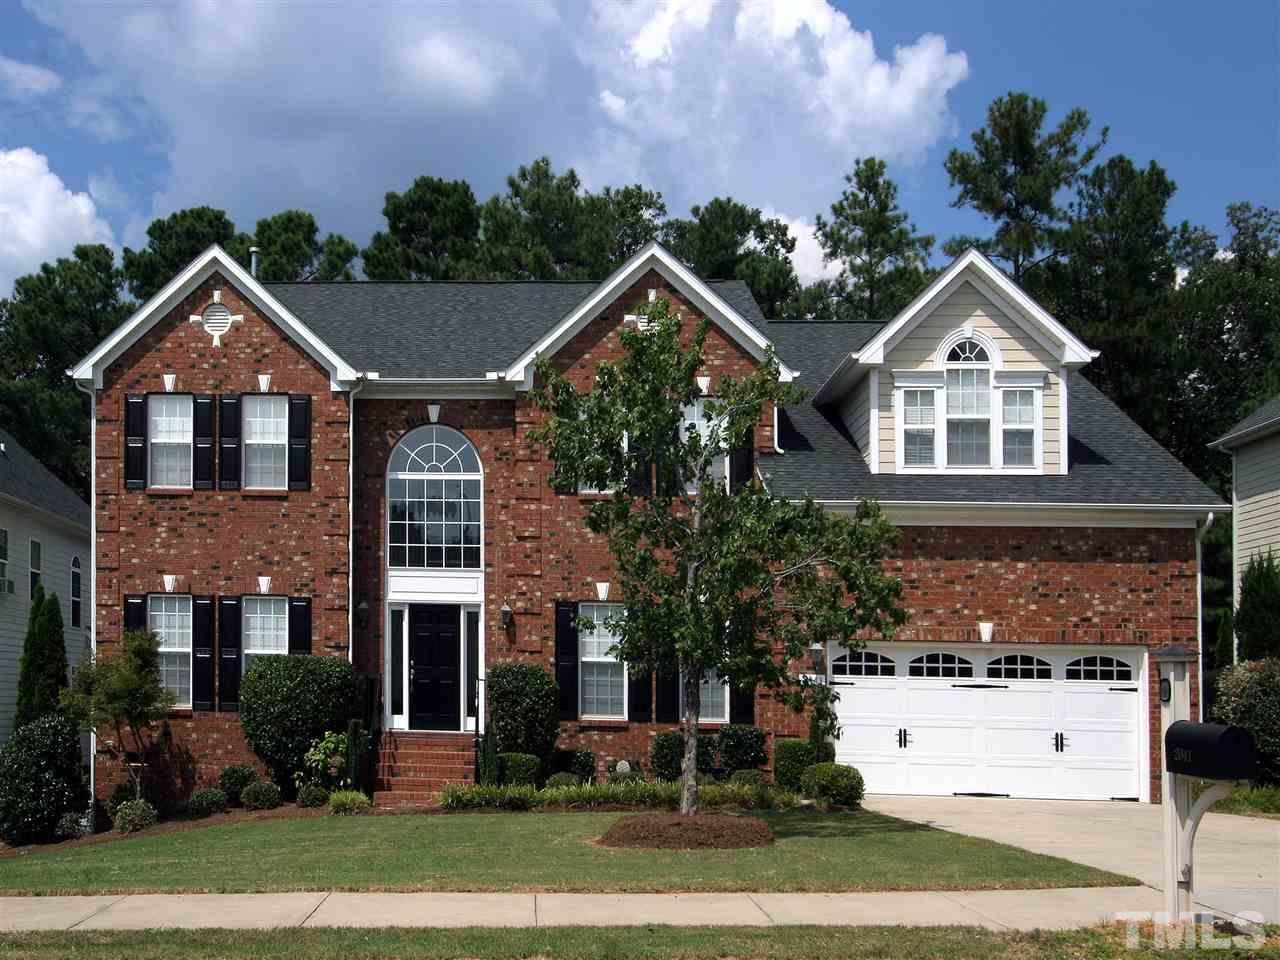 2041 Jadewood Drive, Morrisville, NC 27560